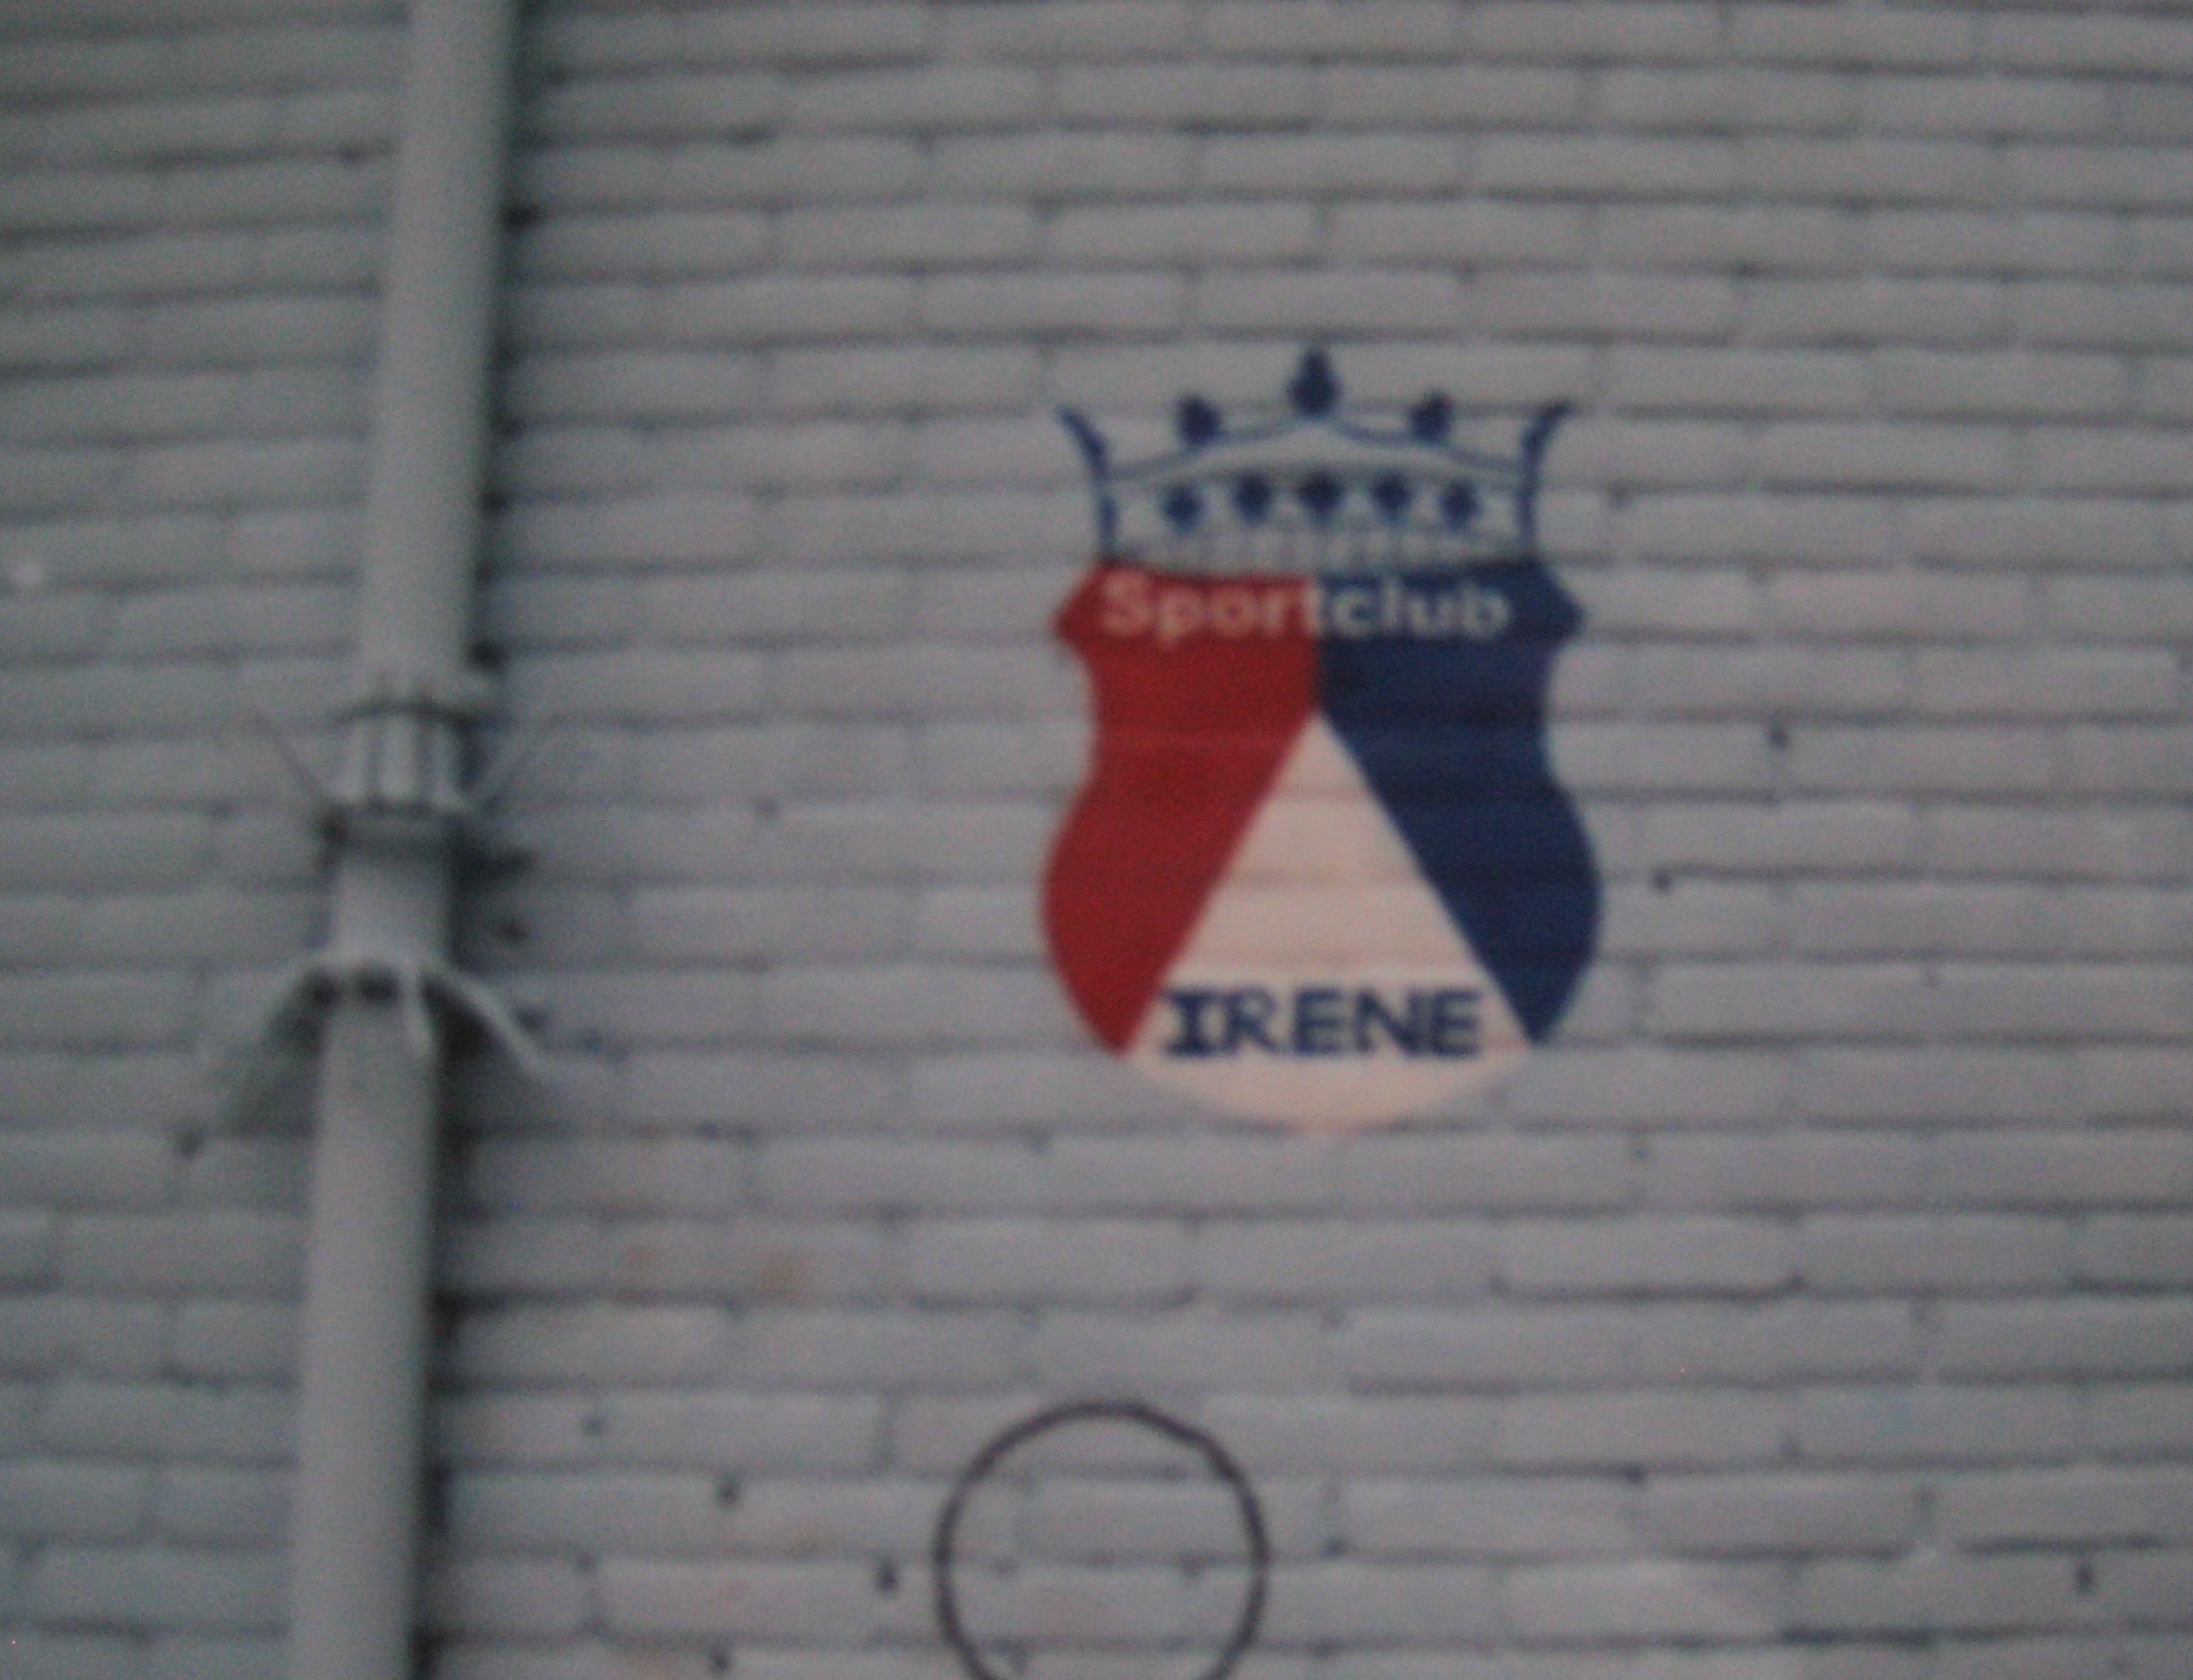 Johan Cruyff Court, Tegelen